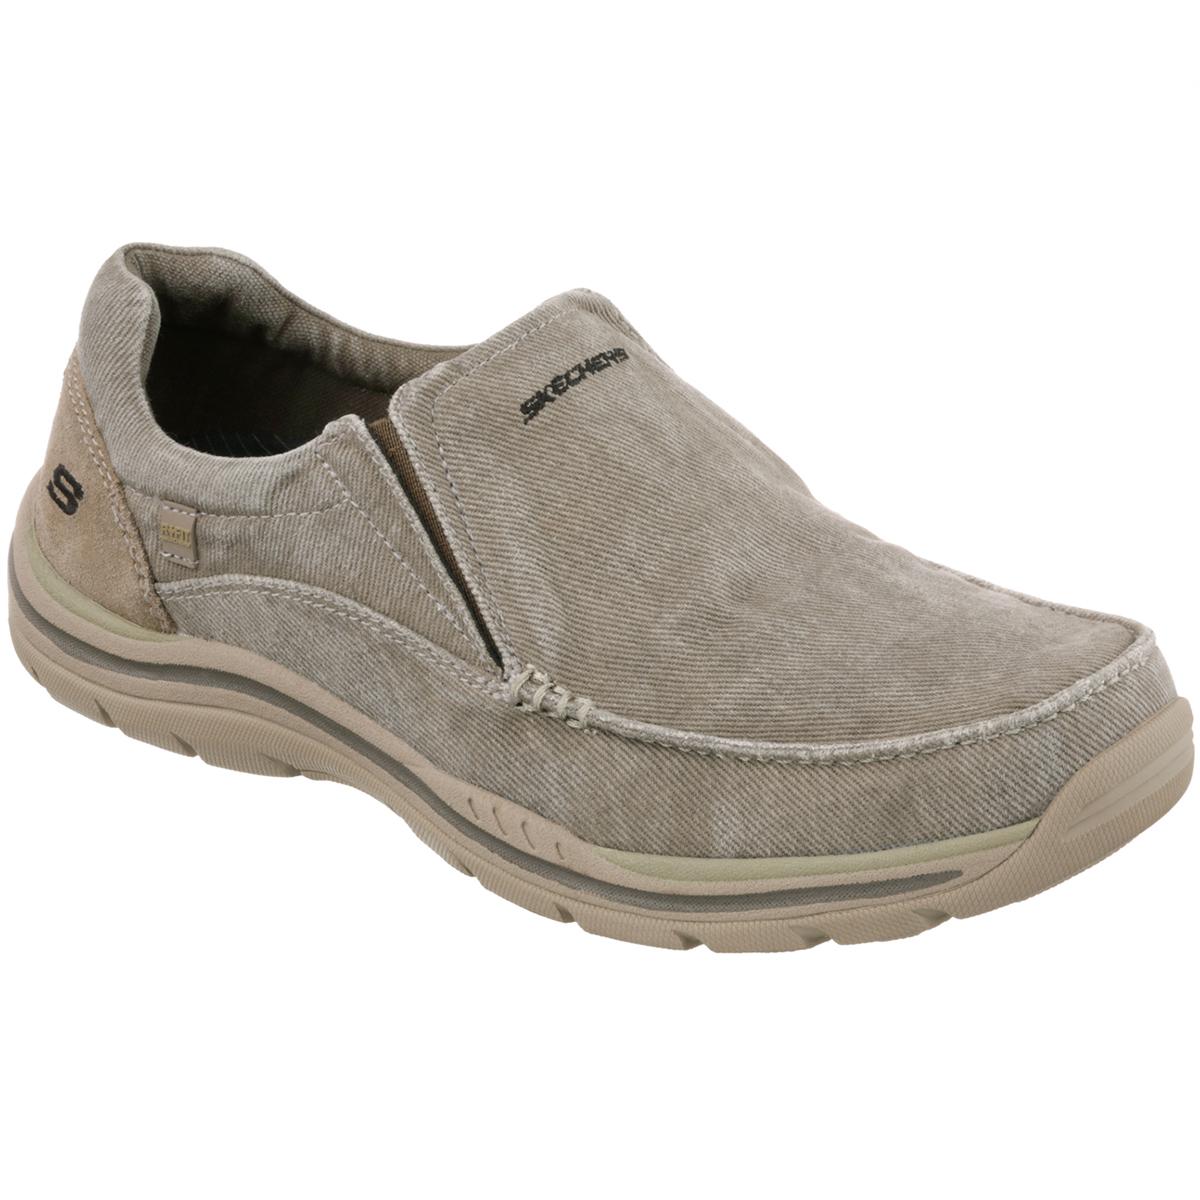 Skechers Men's Avillo Slip-On Shoes - Brown, 10.5